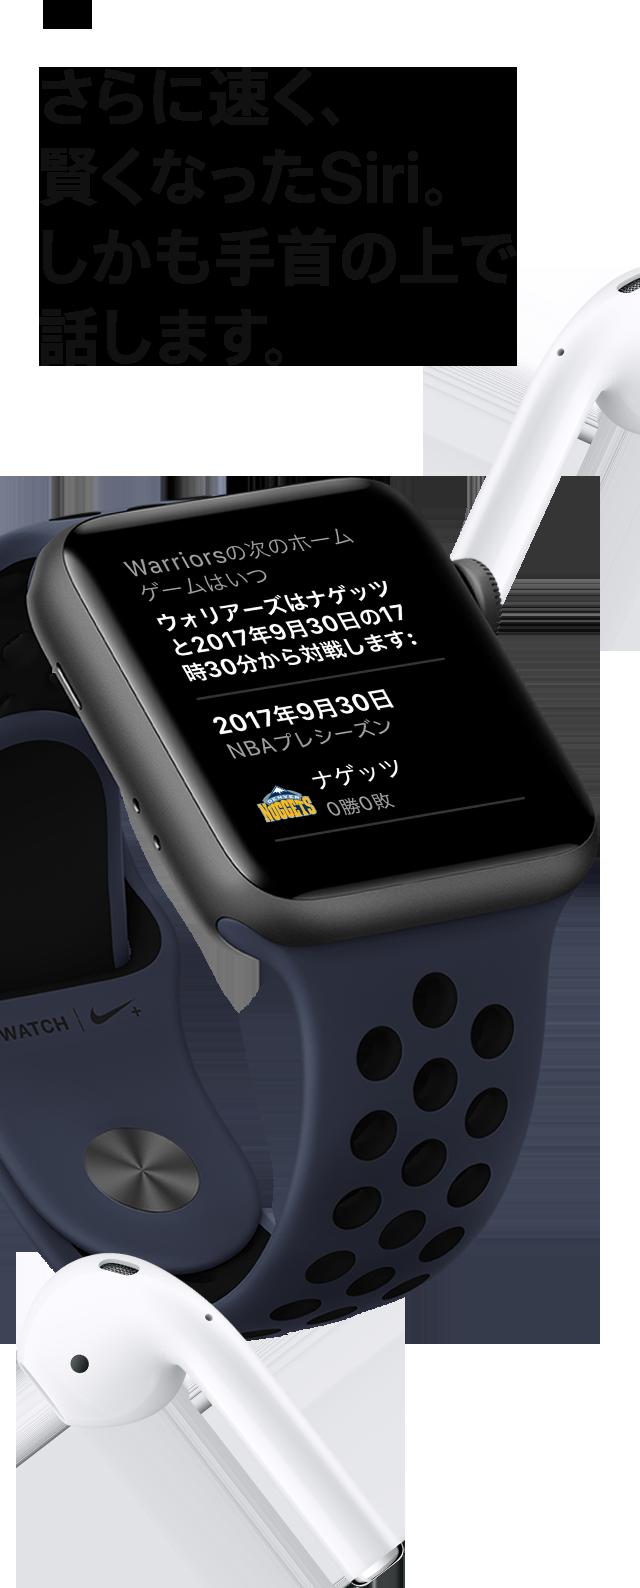 Siri さらに速く、賢くなった Siri。しかも手首の上で話します。